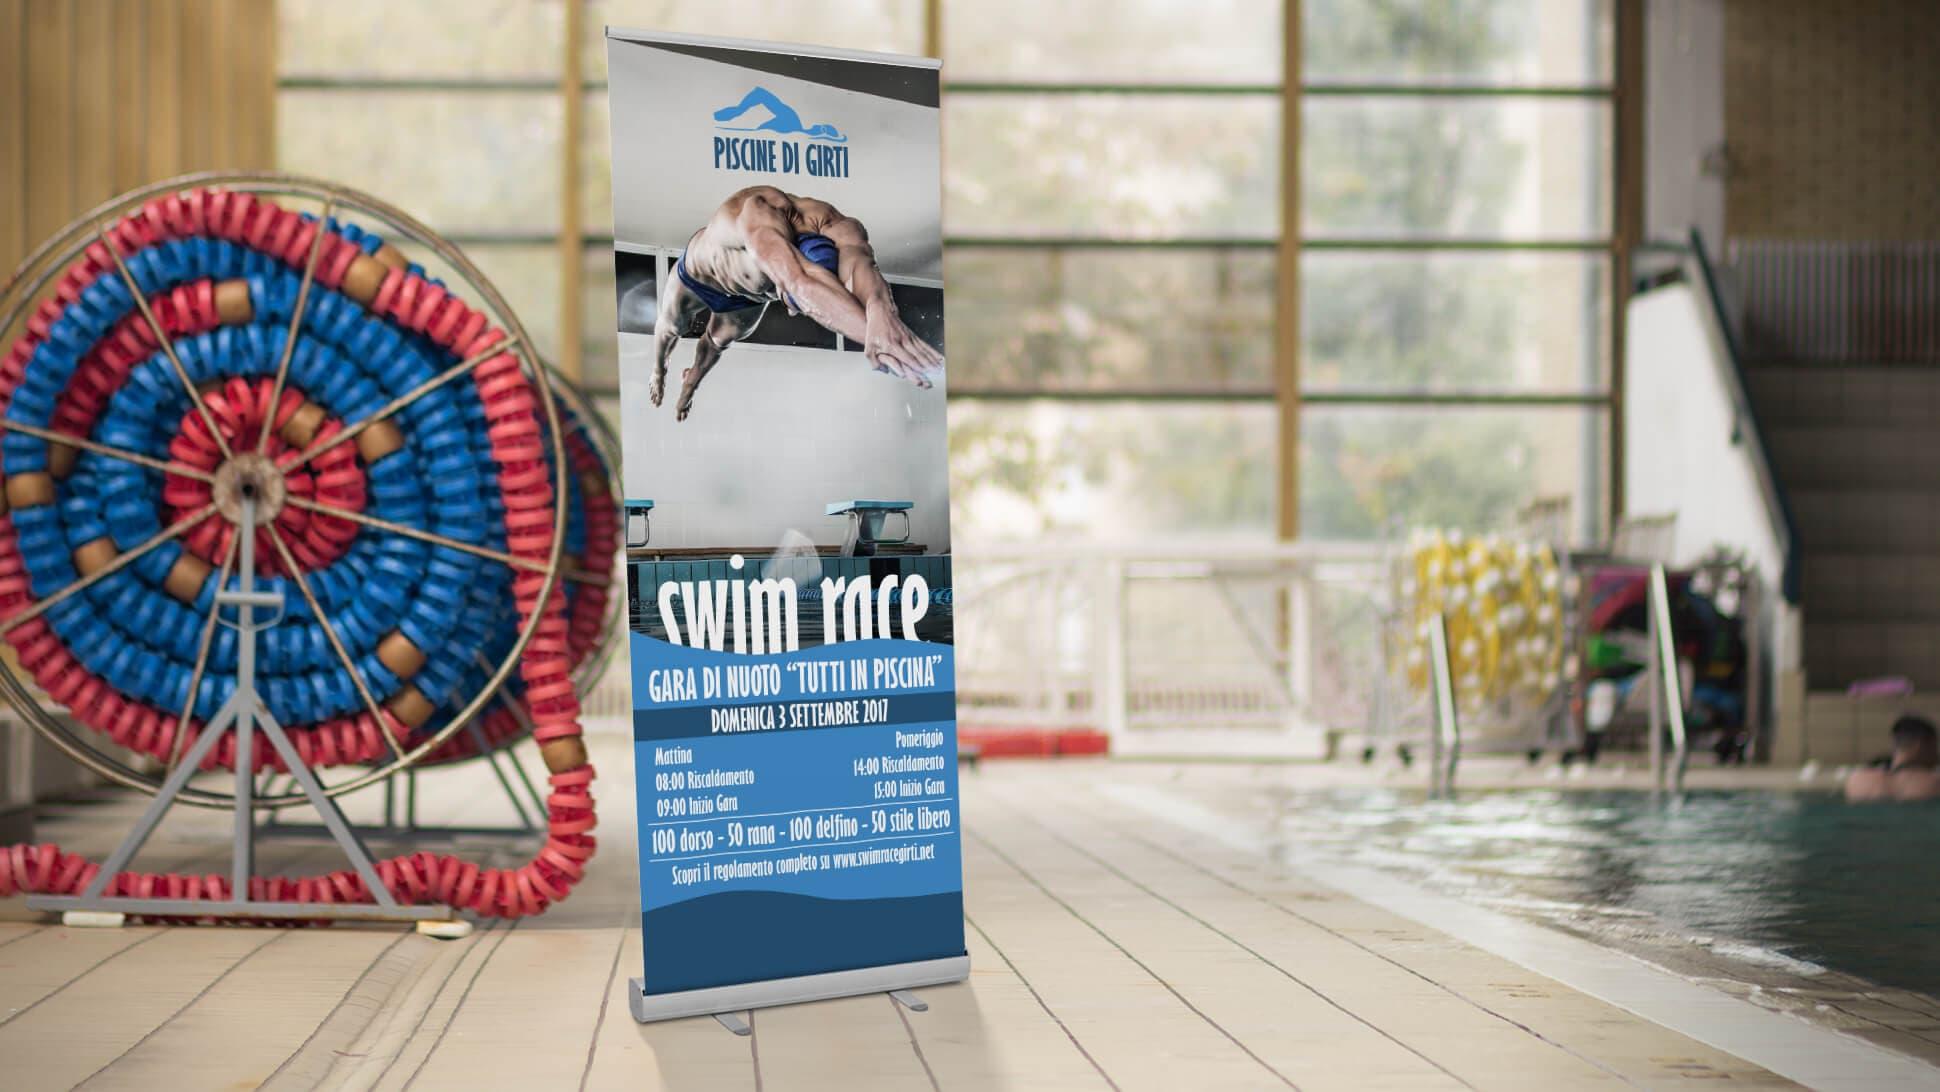 Roll Up per piscine, palestre e attività di vario genere | tictac.it